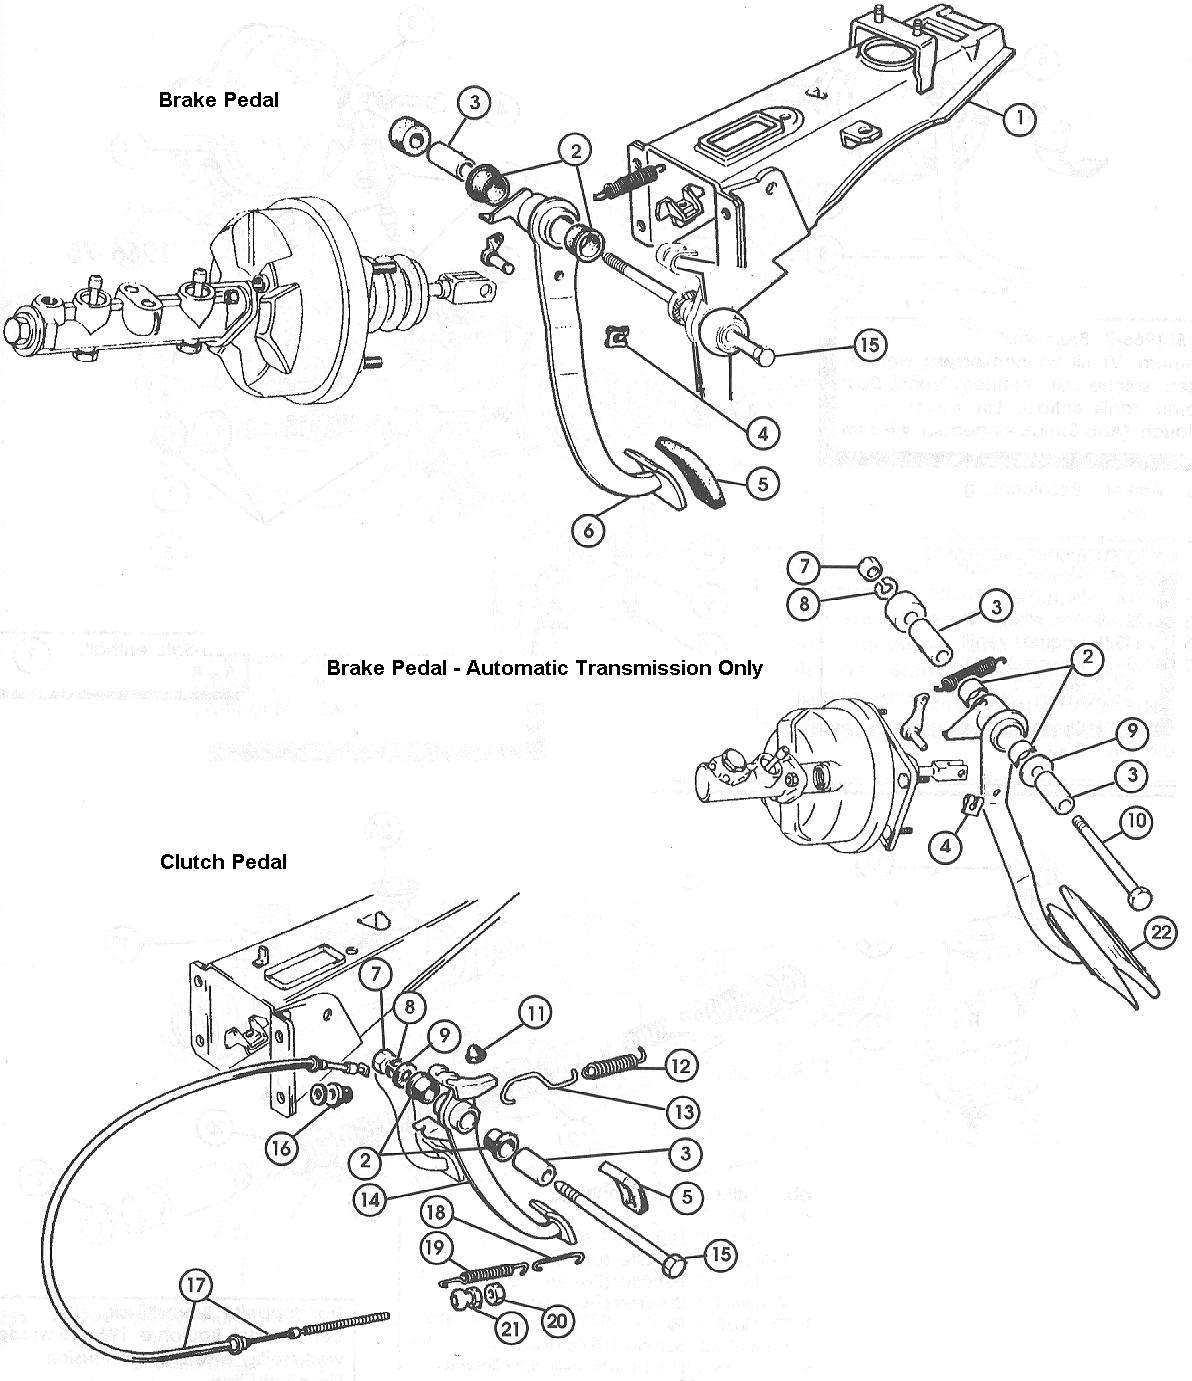 fiat 124 brake  u0026 clutch pedals